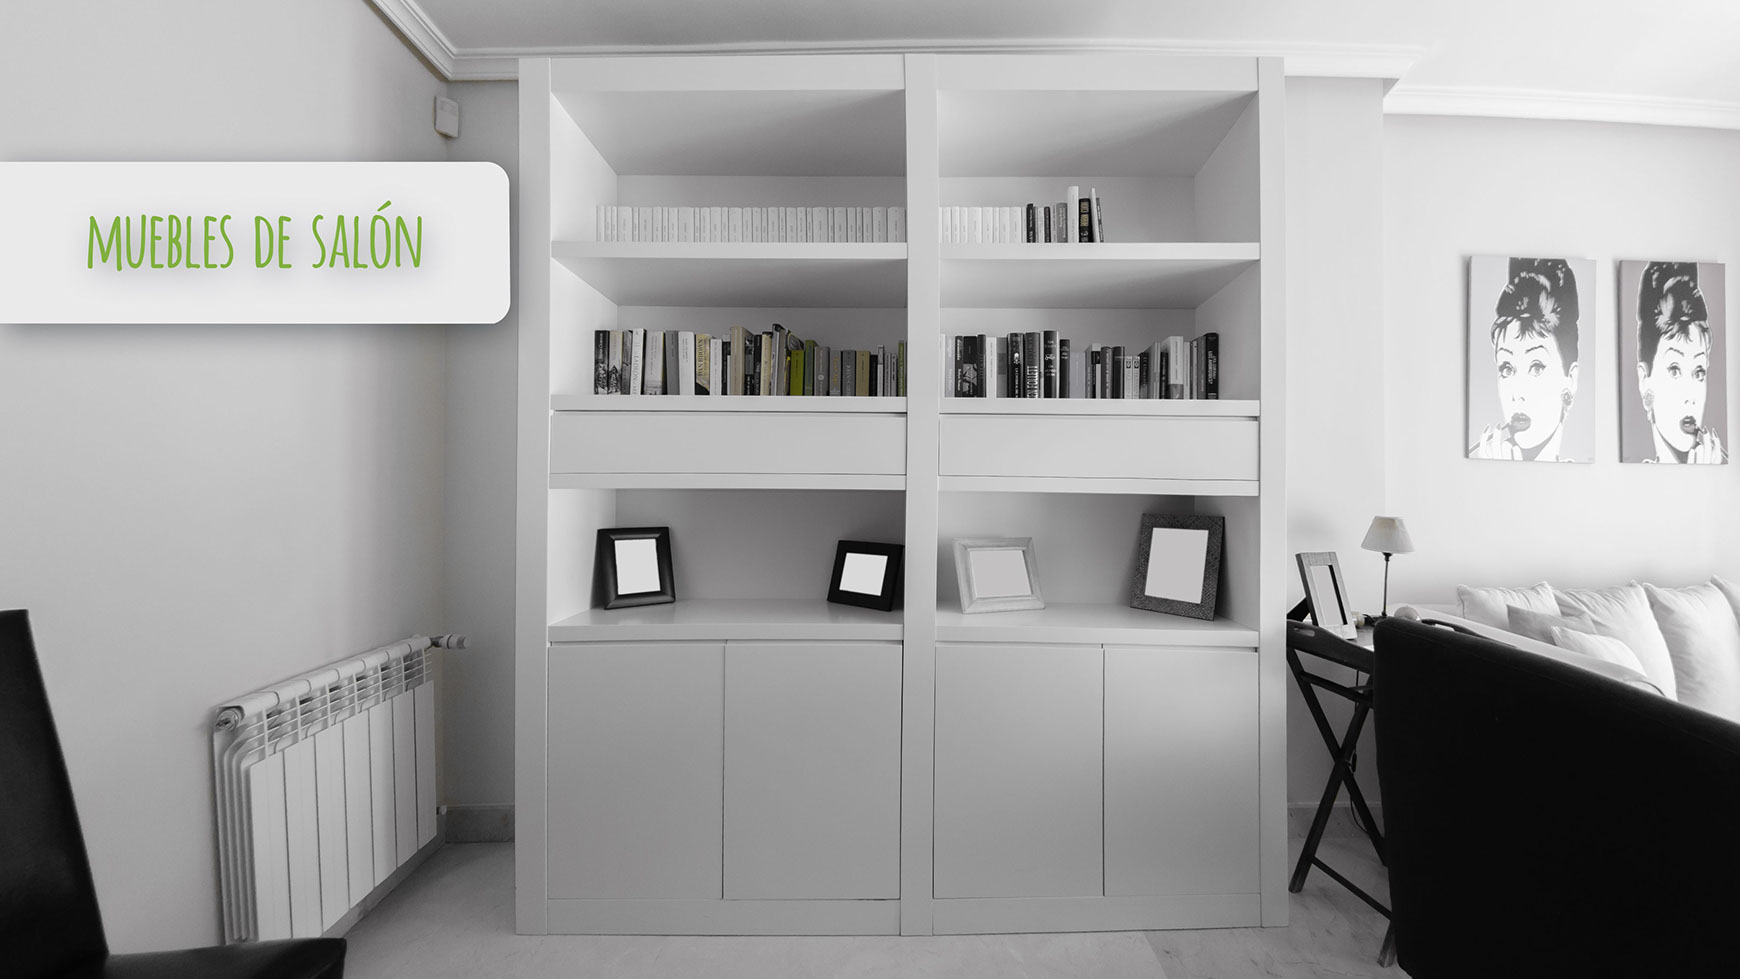 Muebles librerias modernas librera lb con la cantidad de for Muebles online madrid